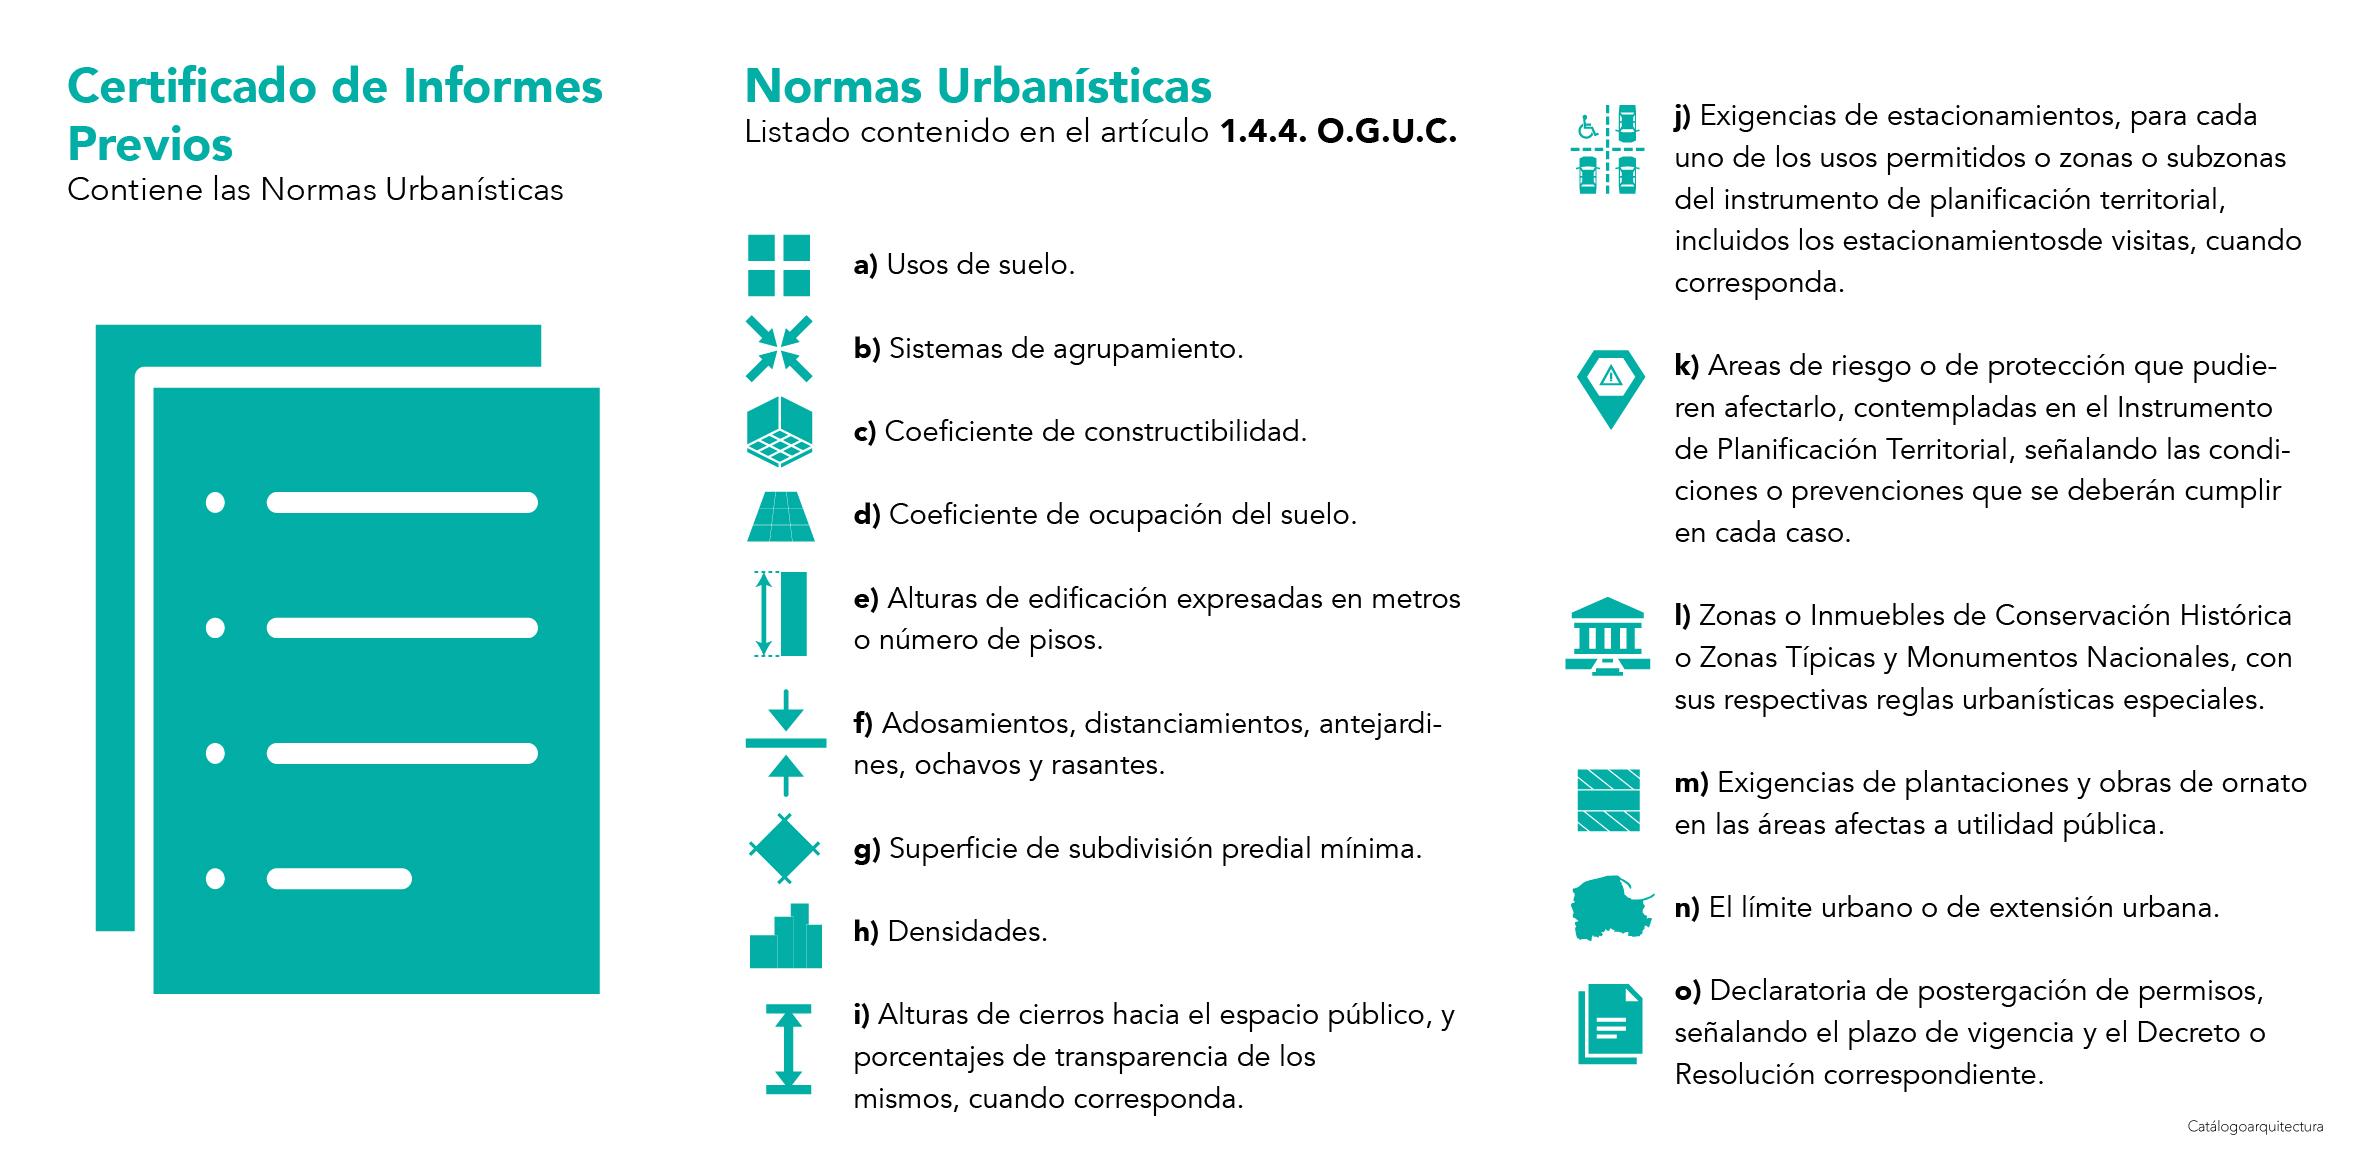 Normas Urbanísticas, OGUC, Chile.